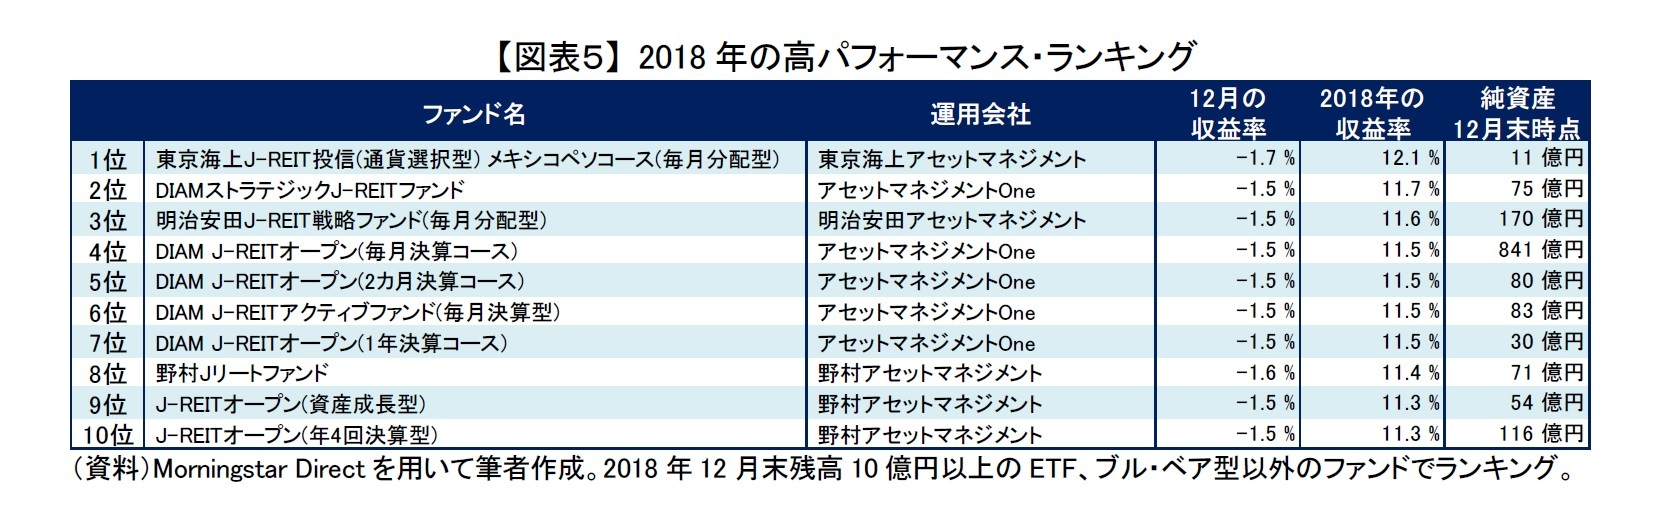 【図表5】 2018年の高パフォーマンス・ランキング